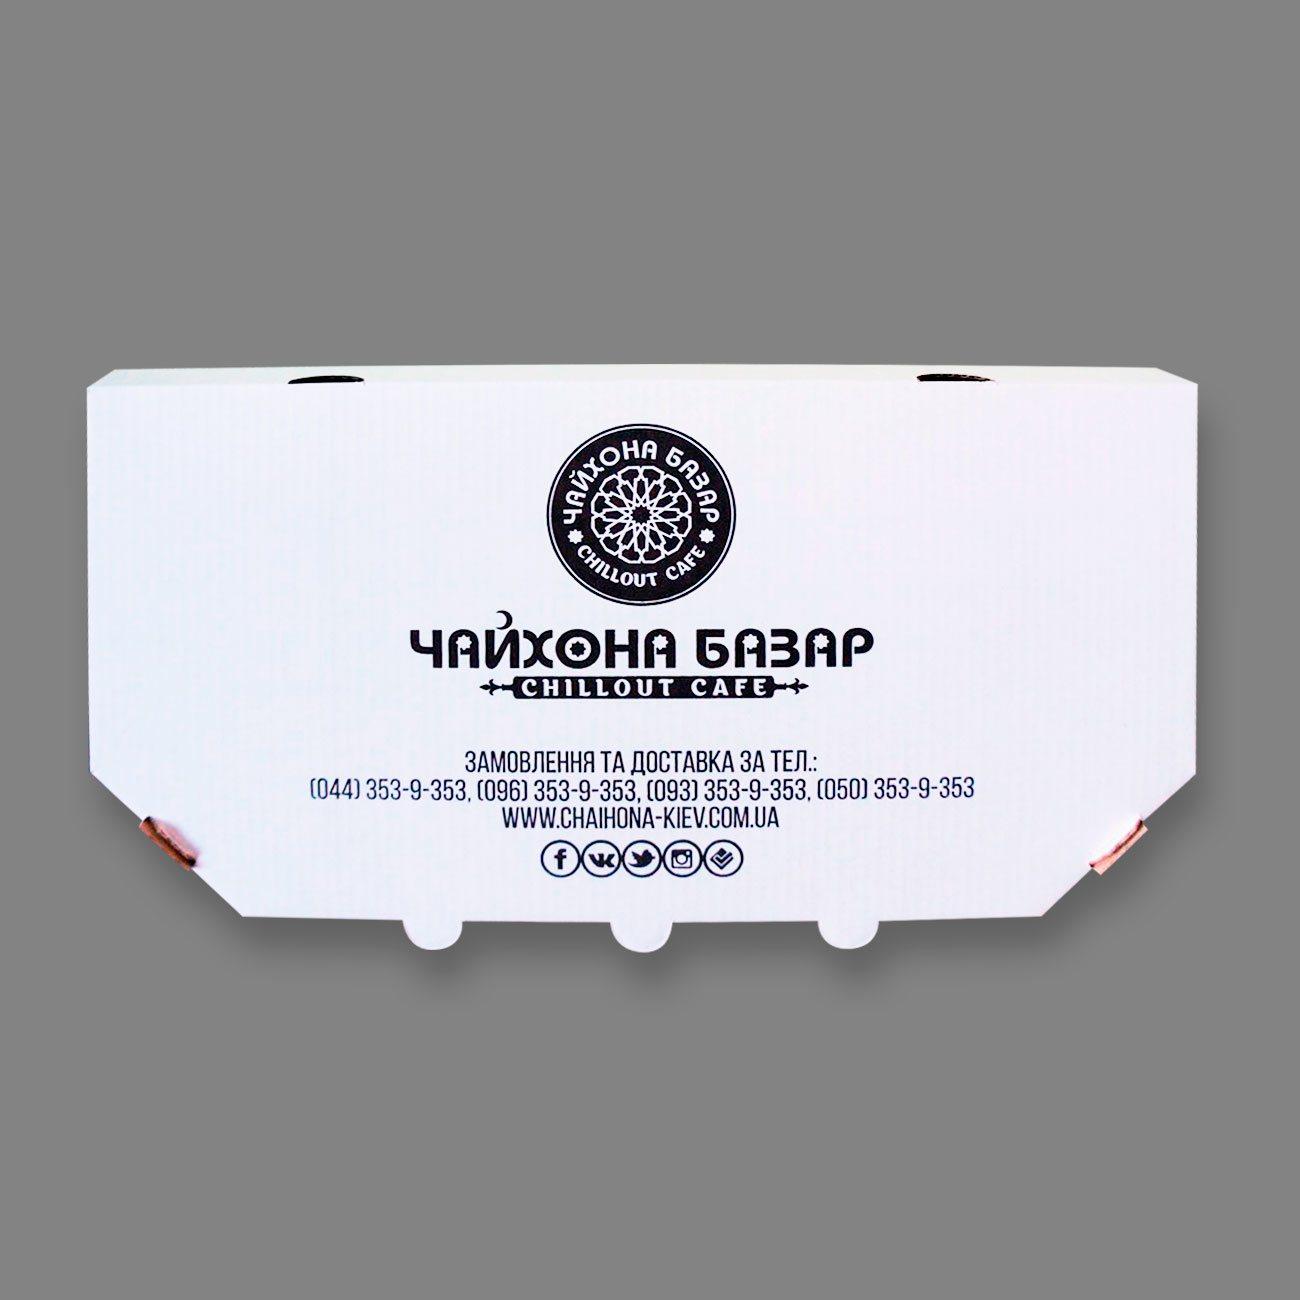 Тарелки с логотипом в гМоскваПечать фото на тарелках срочно